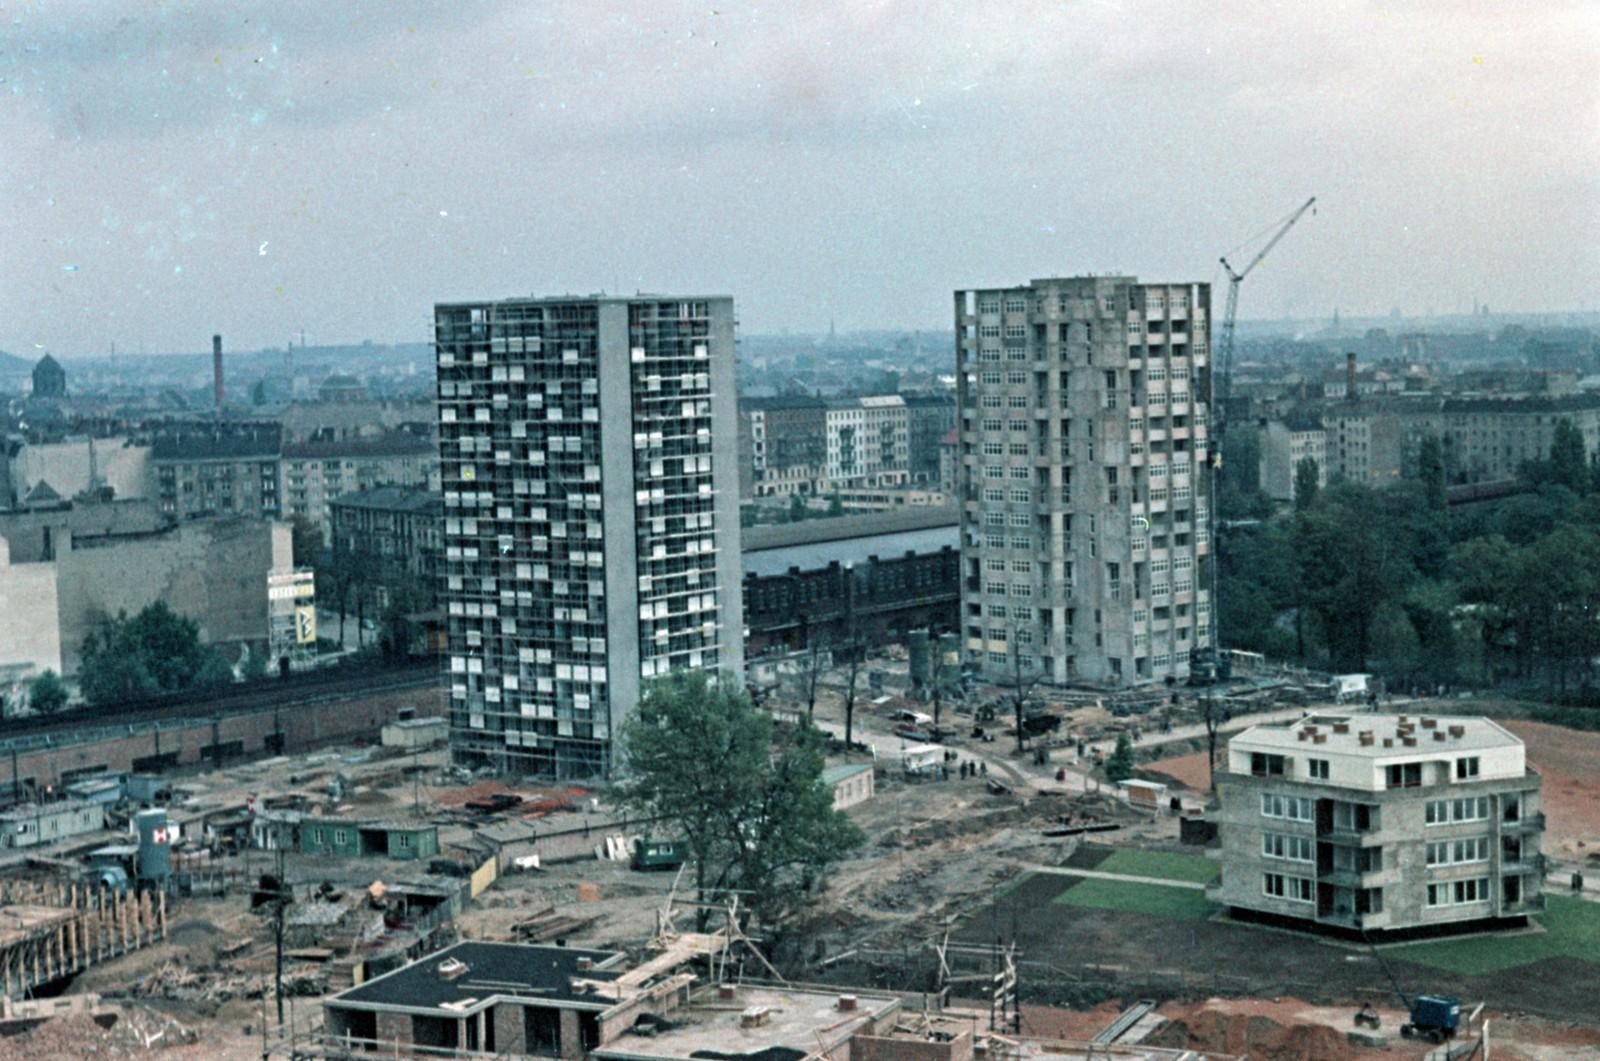 09. Западный Берлин. За многоэтажками на станции Берлин-Бельвю